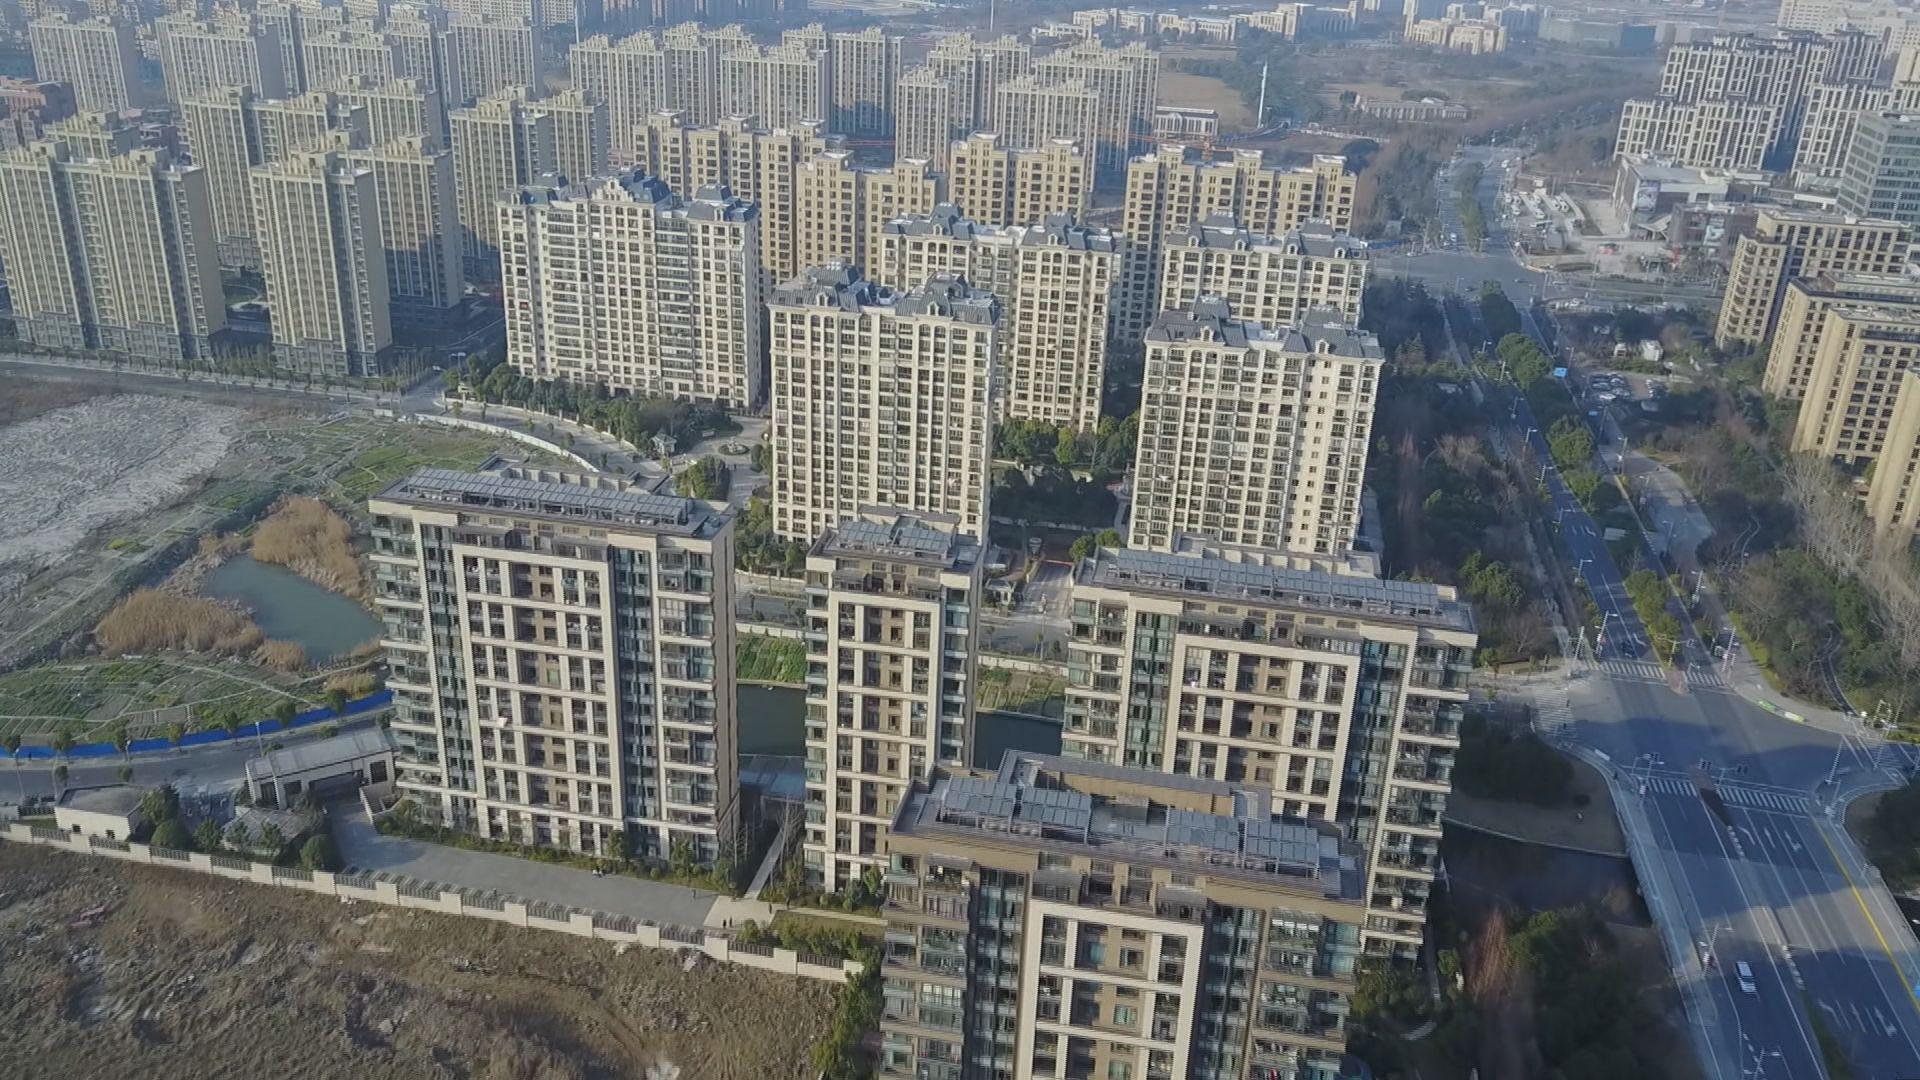 【投資資金太多】內地租市風險大過P2P網貸